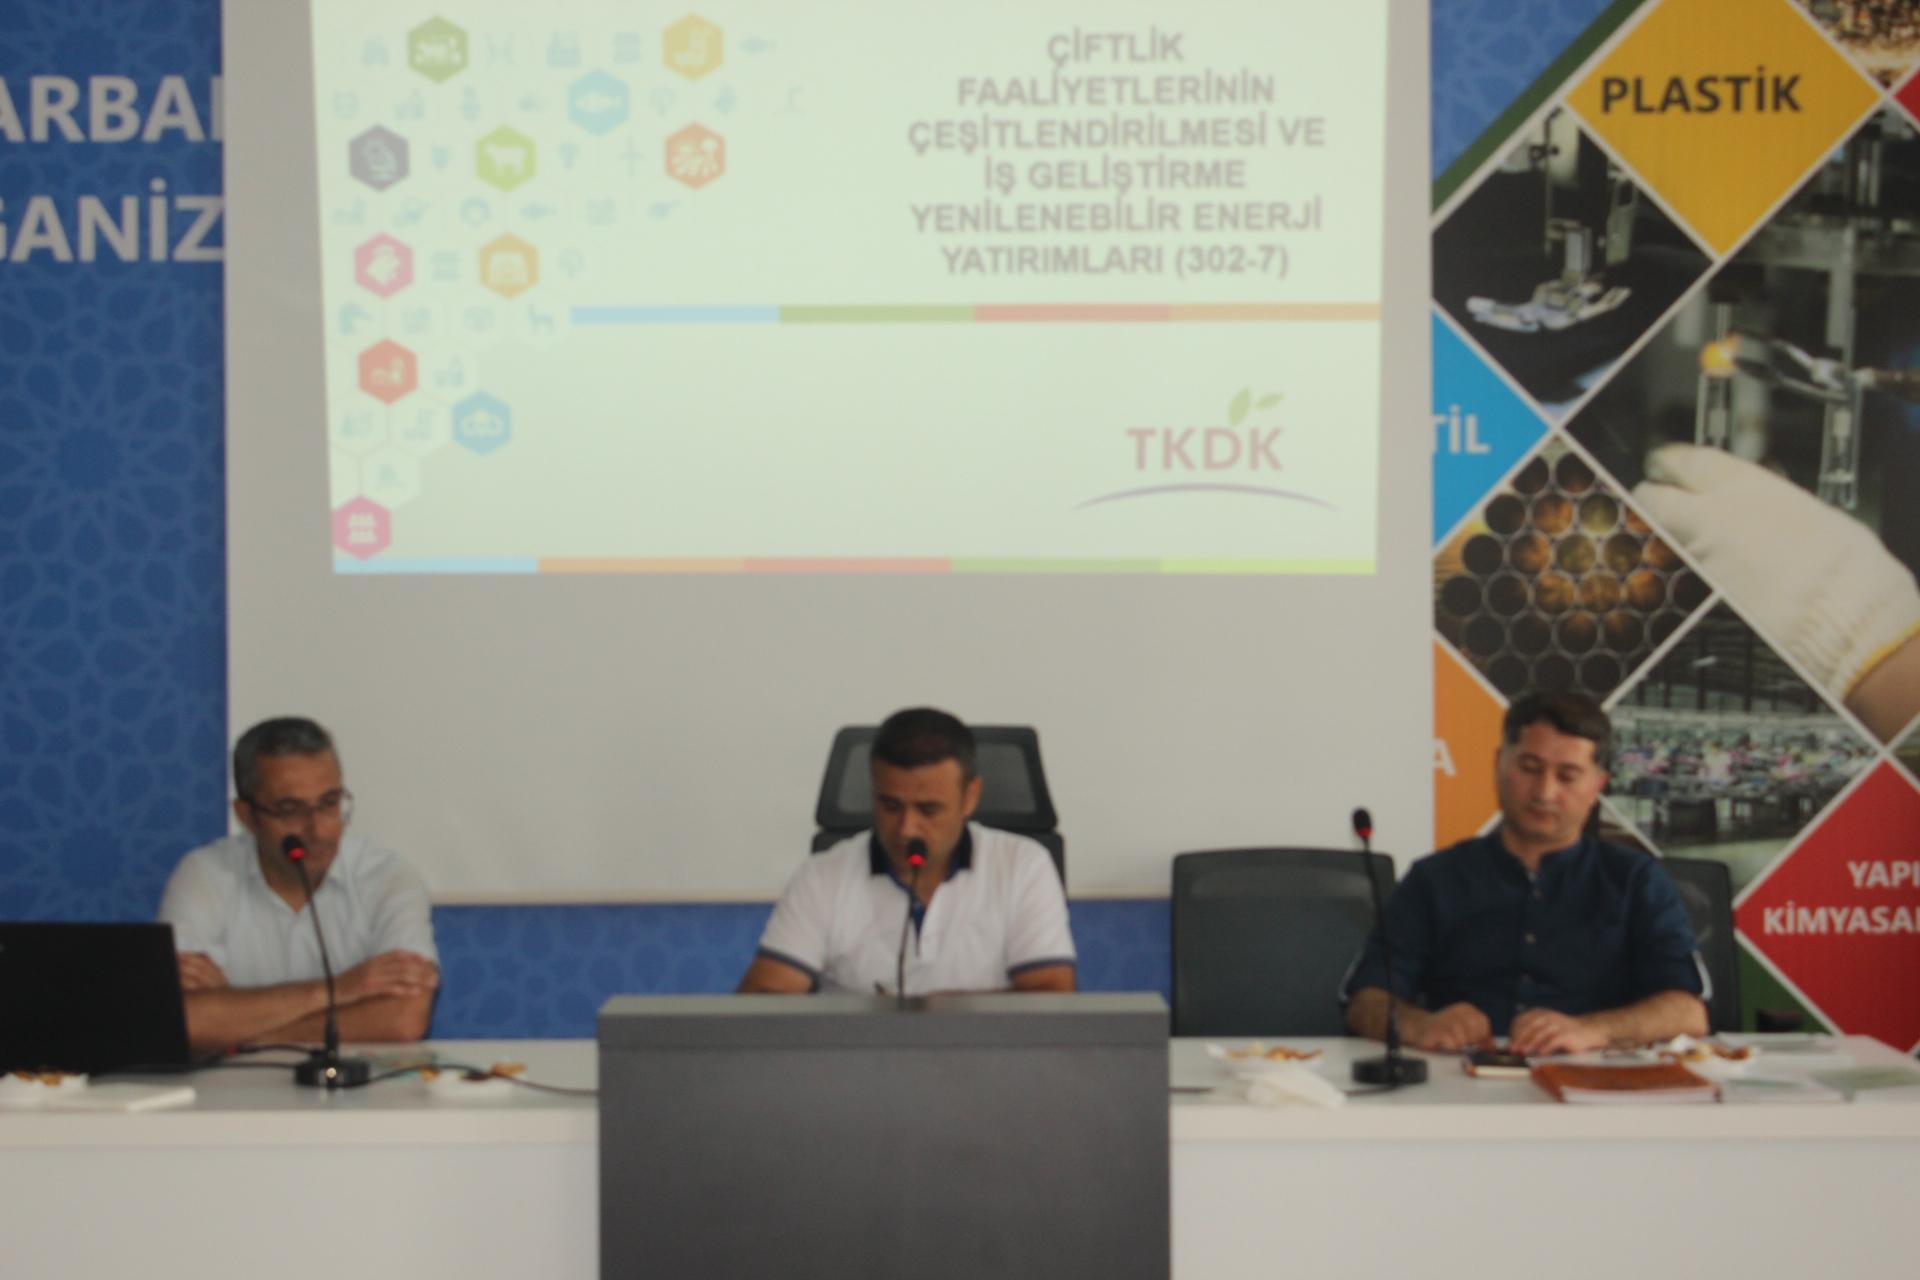 OSB de 'Yenilenebilir Enerji Yatırımları Bilgilendirme Toplantısı ' yapıldı.